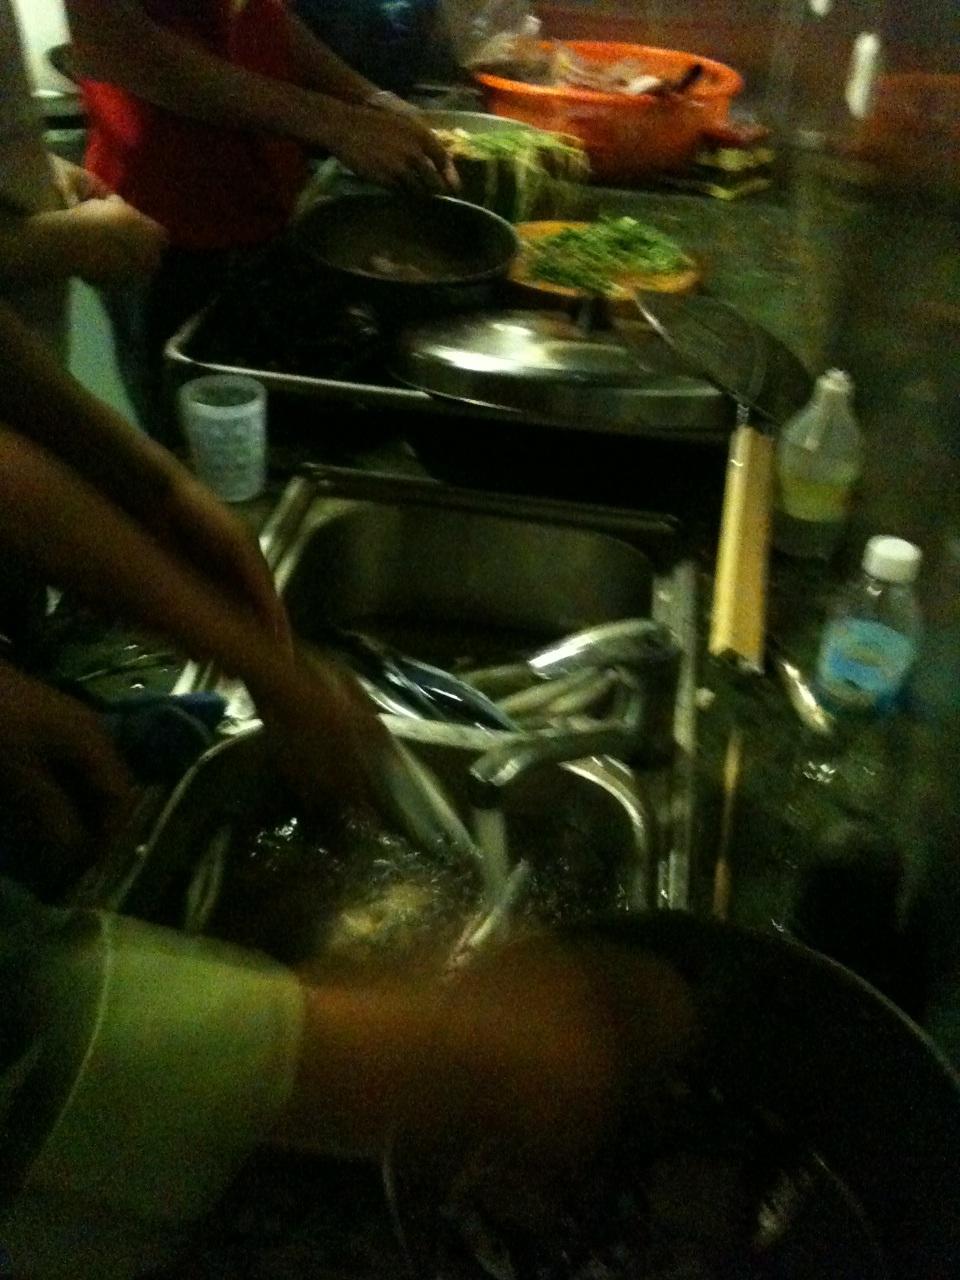 Và cuối cùng là nhờ đầu bếp trên tàu chế biến thành các món ăn khác nhau.